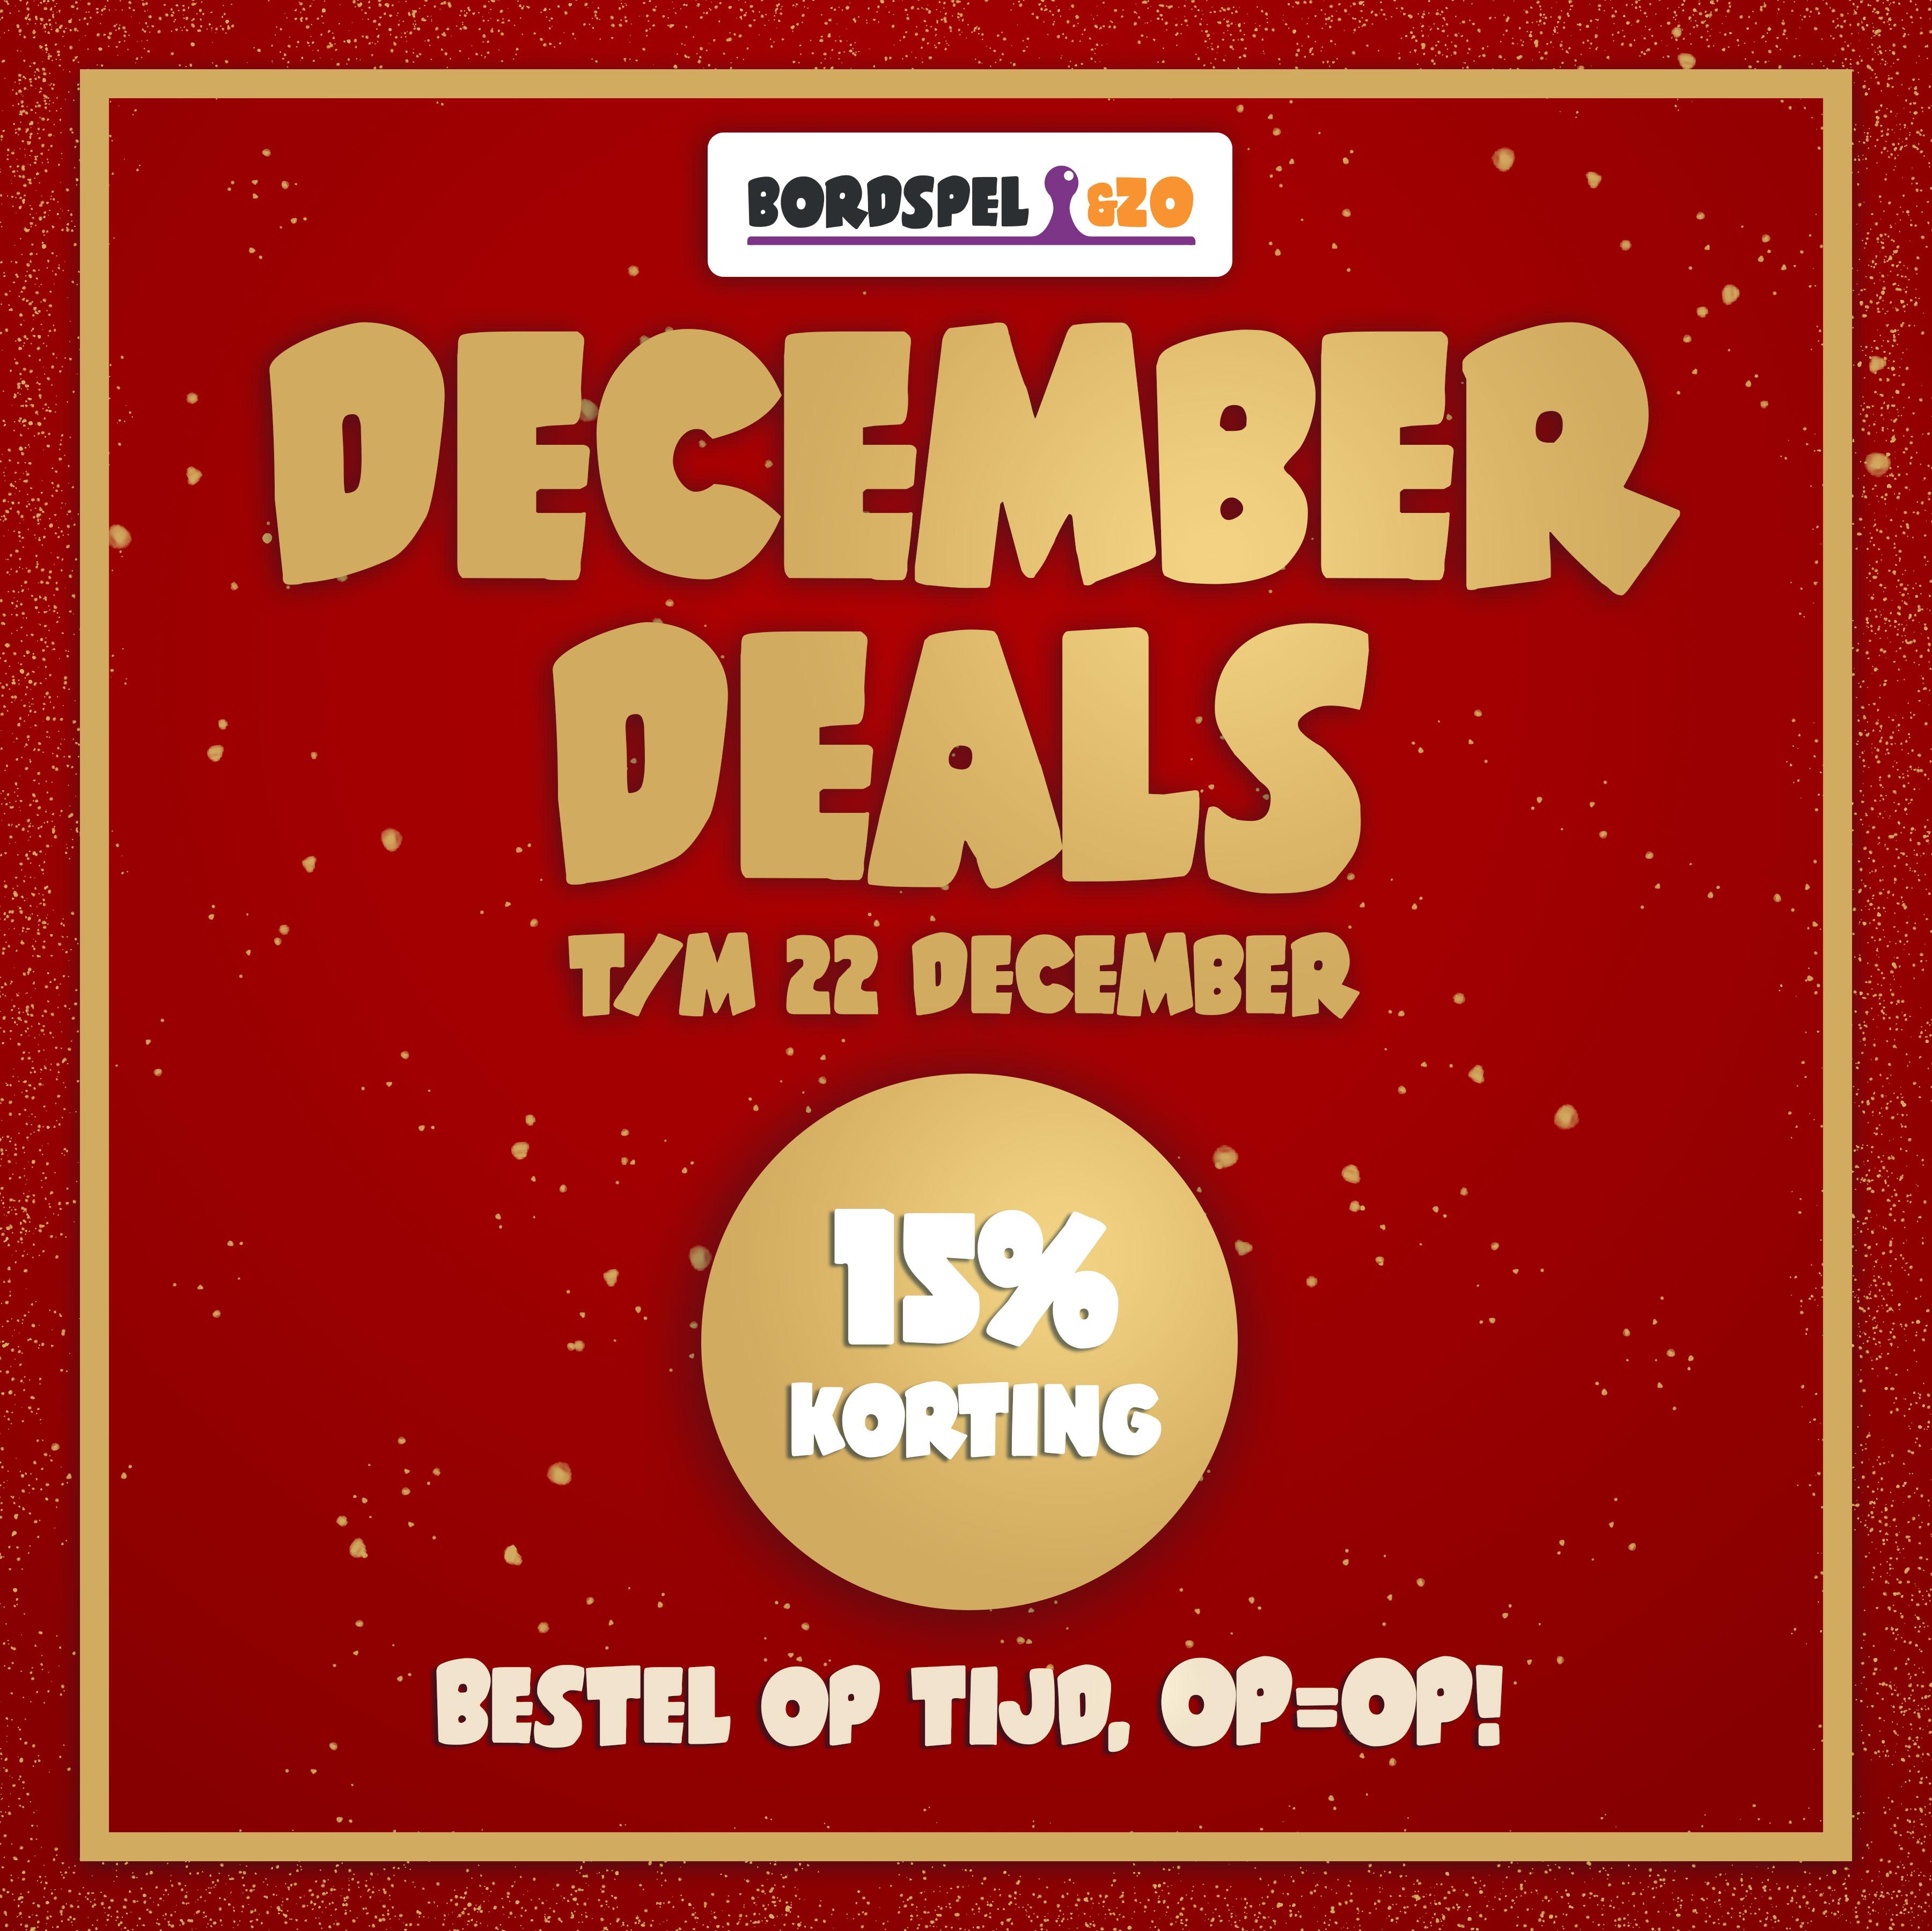 Bordspel&zo - December Deals - 15% korting